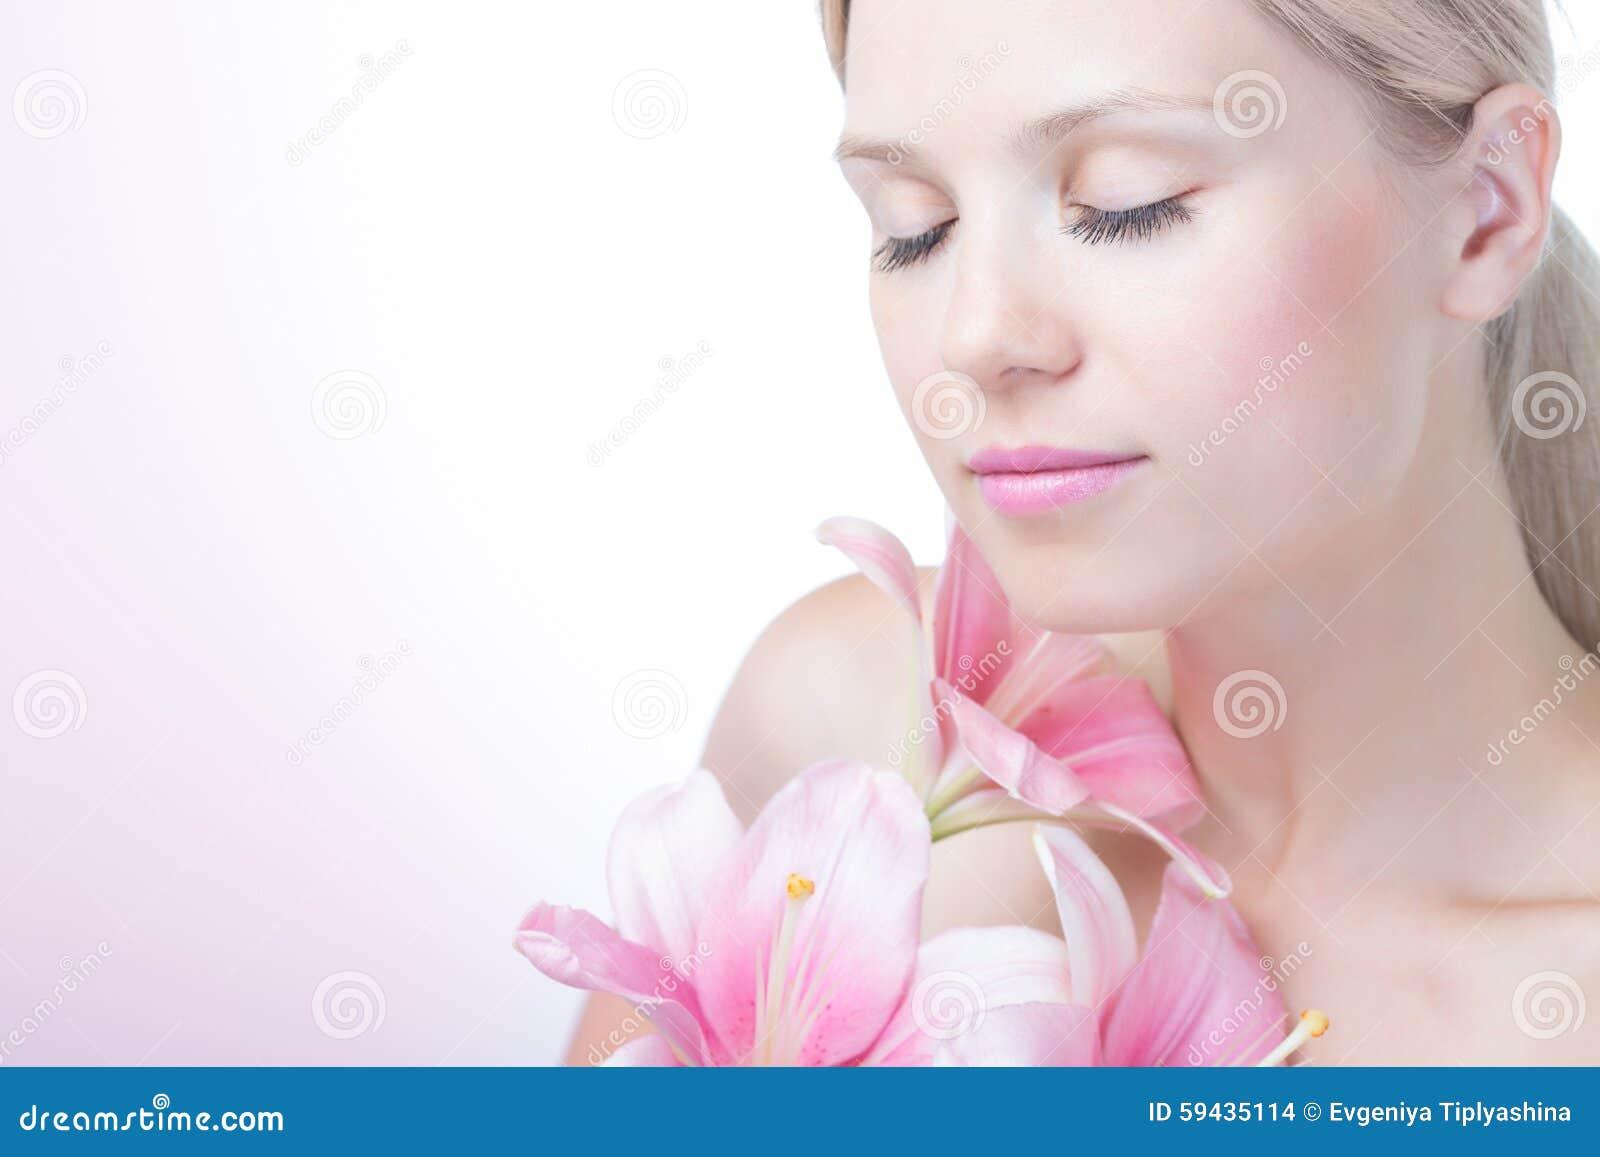 Πρόσωπο μιας όμορφης γυναίκας με τον κρίνο